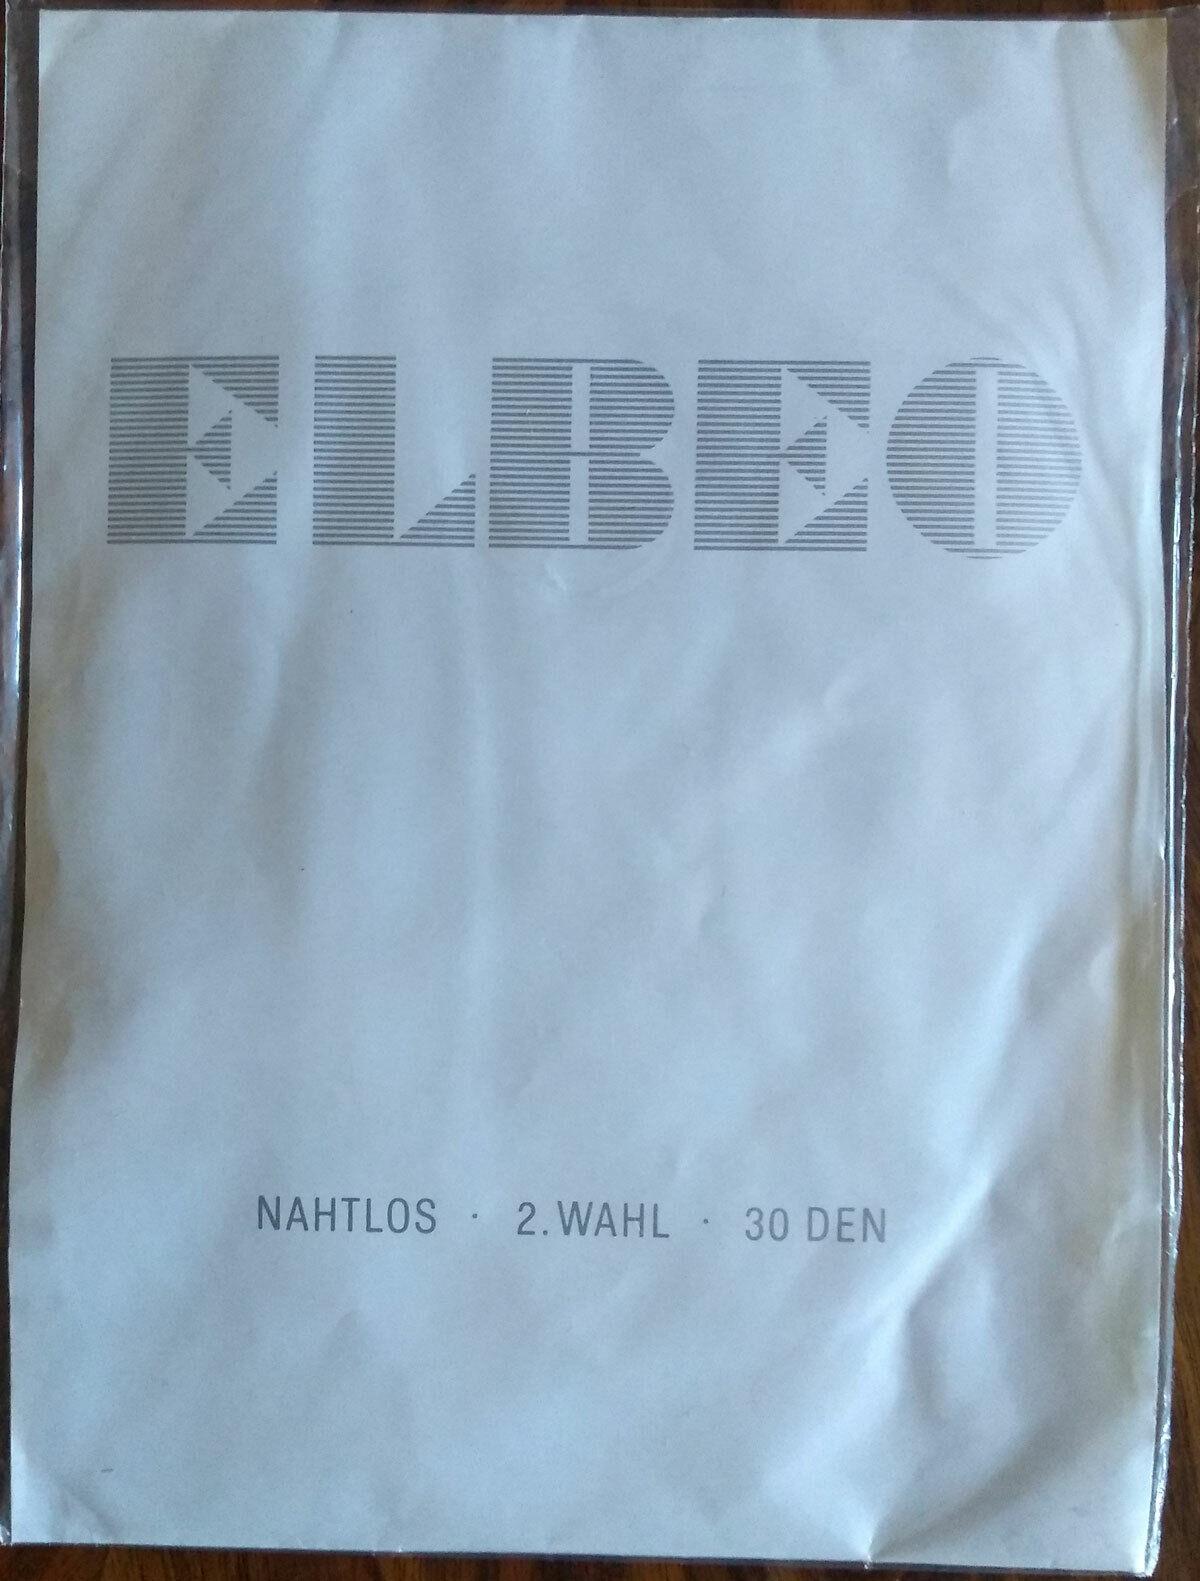 Nylonstrümpfe Vintage Elbeo nahtlos Rosette Größe 9 Original 60er Nylons